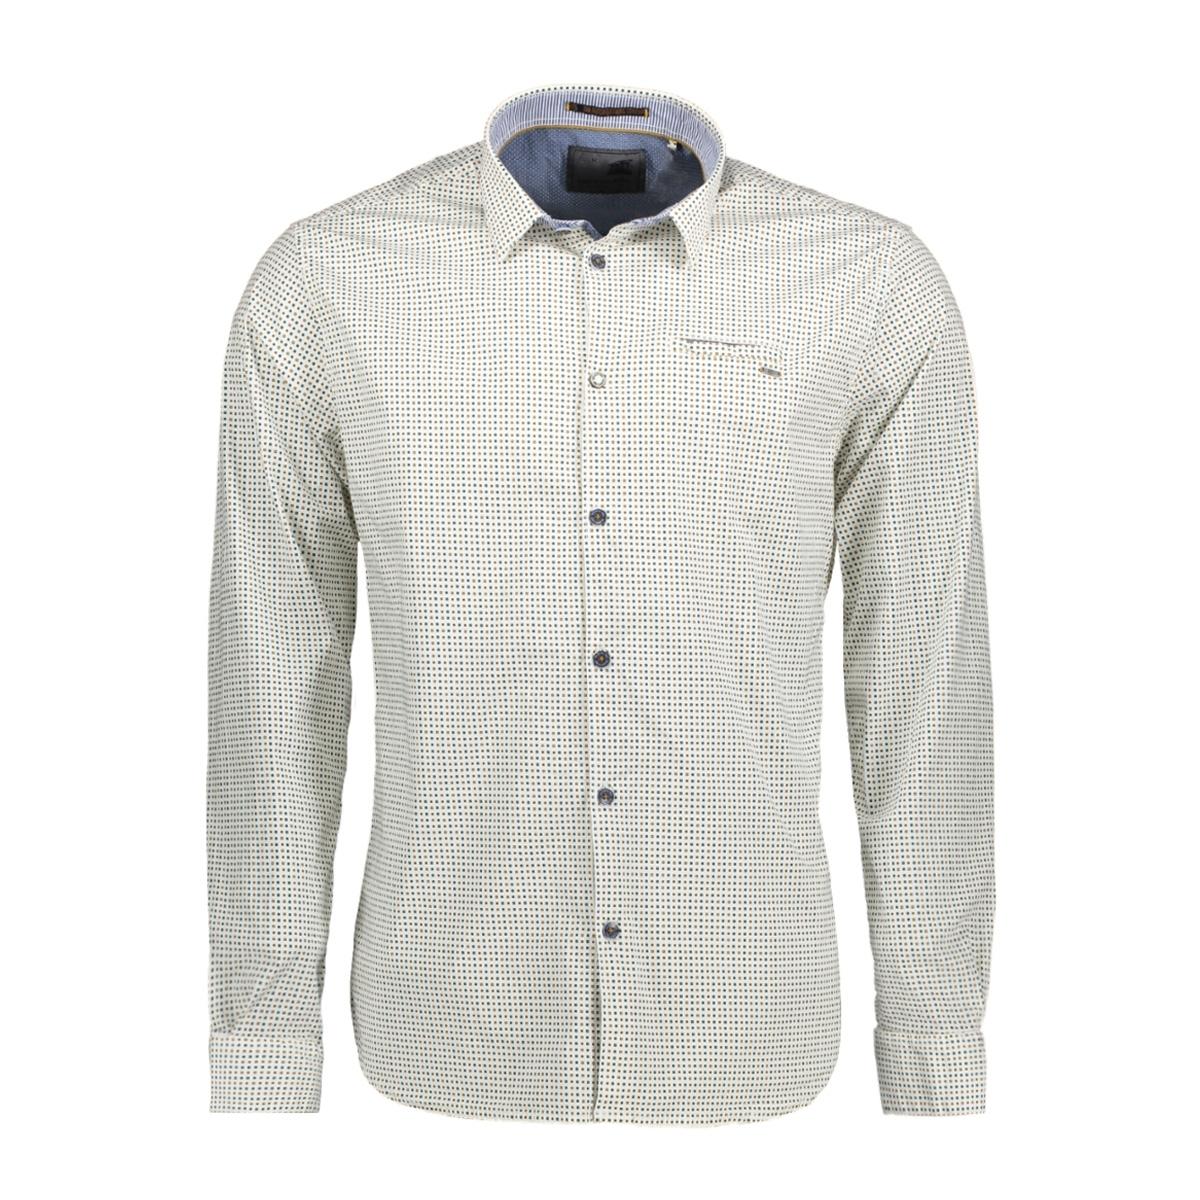 82480705 no-excess overhemd 050 green